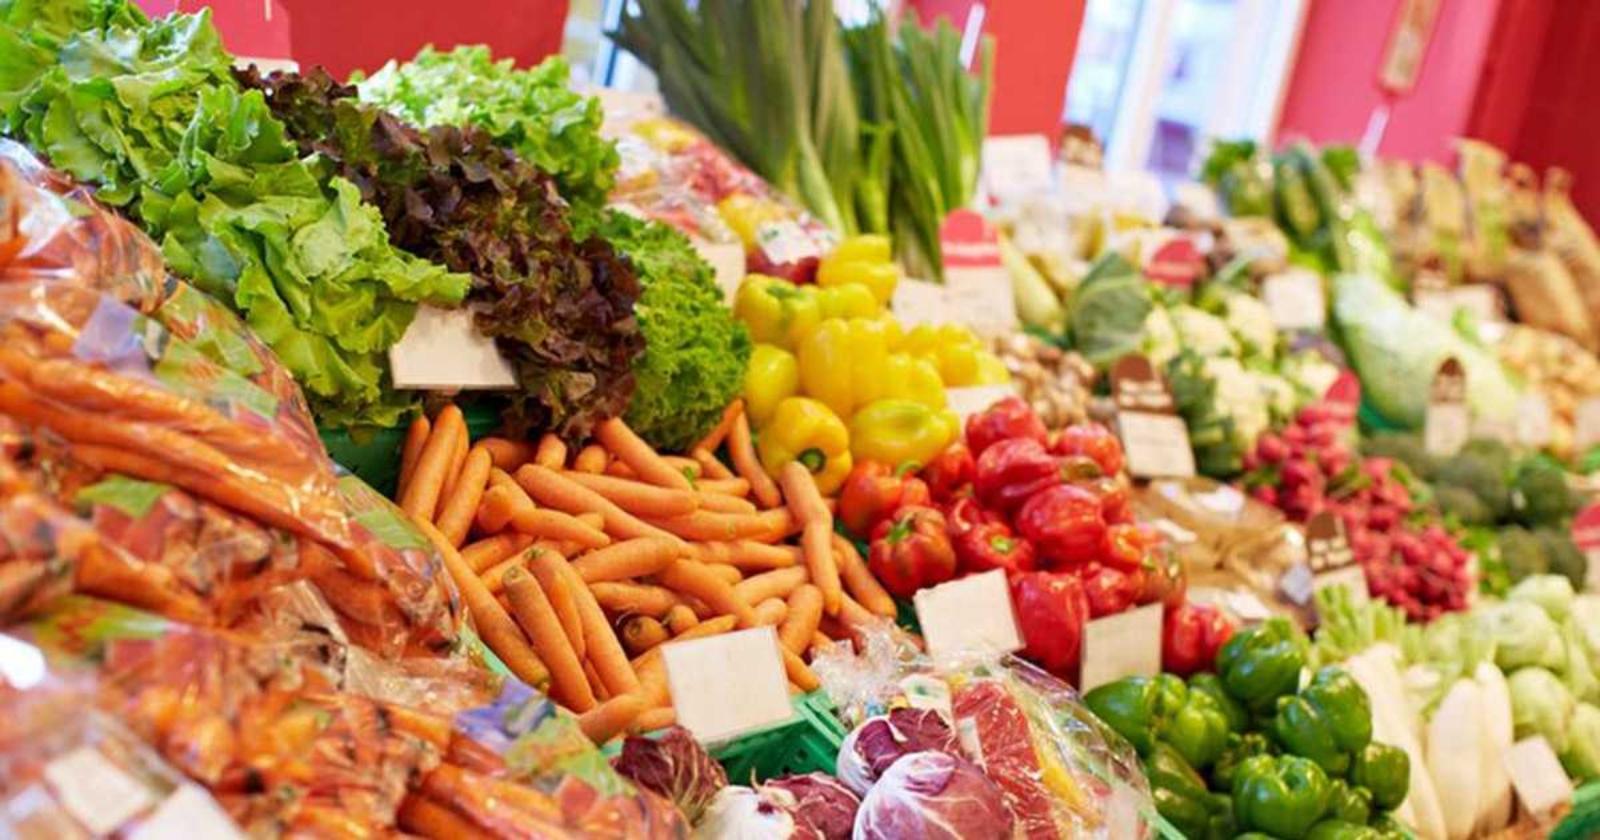 ¿Cuáles son los alimentos más vendidos y costosos durante la cuarentena?